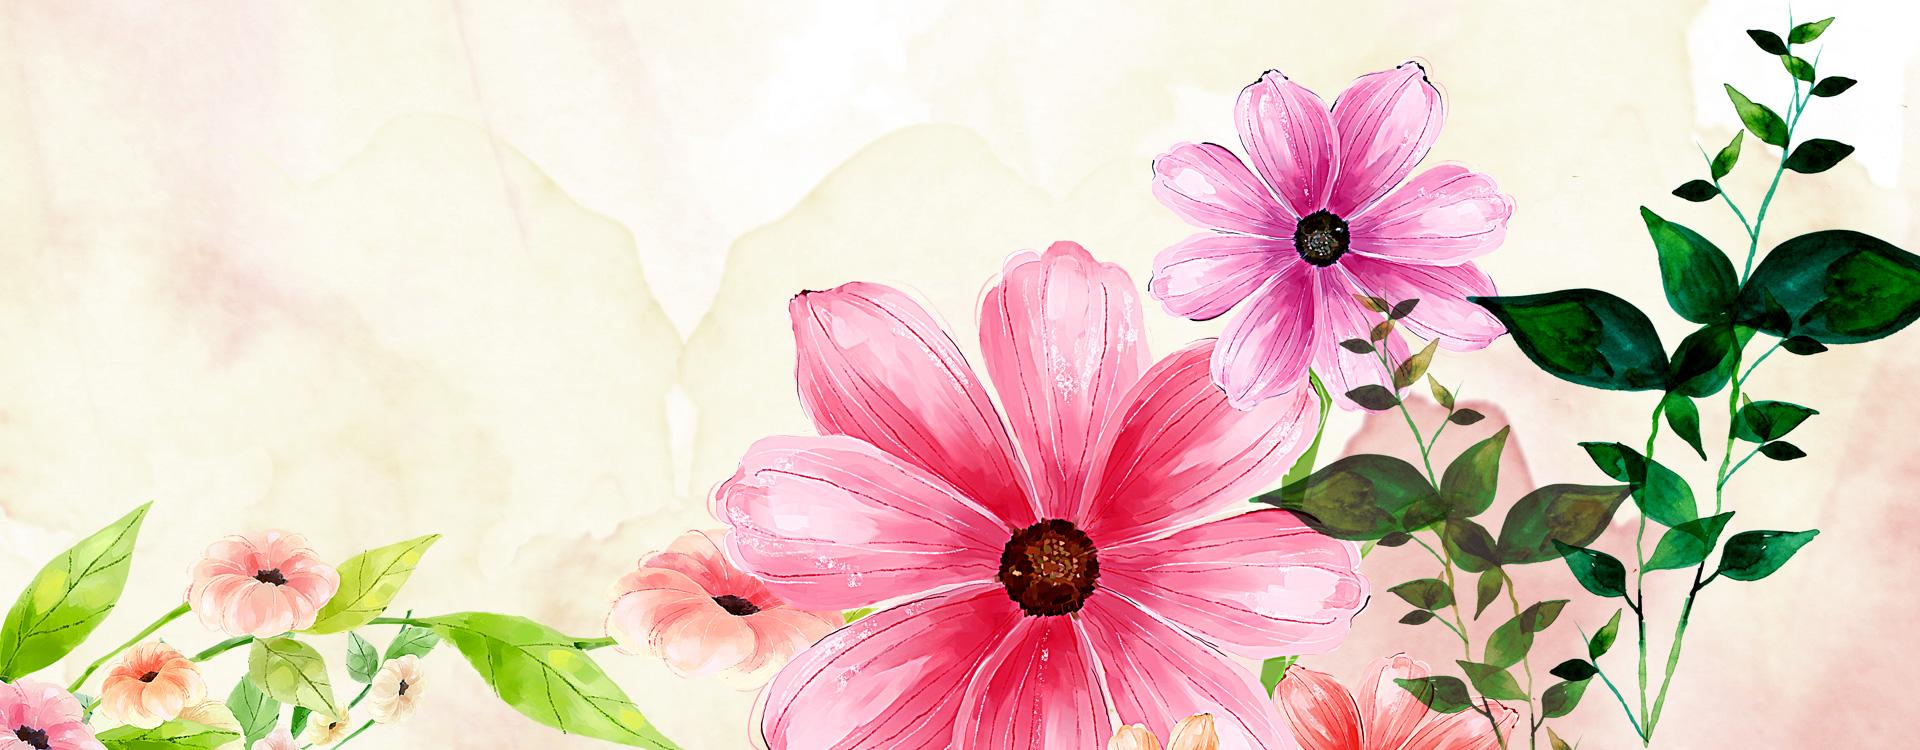 粉色唯美花朵淘宝店铺装修素材图片